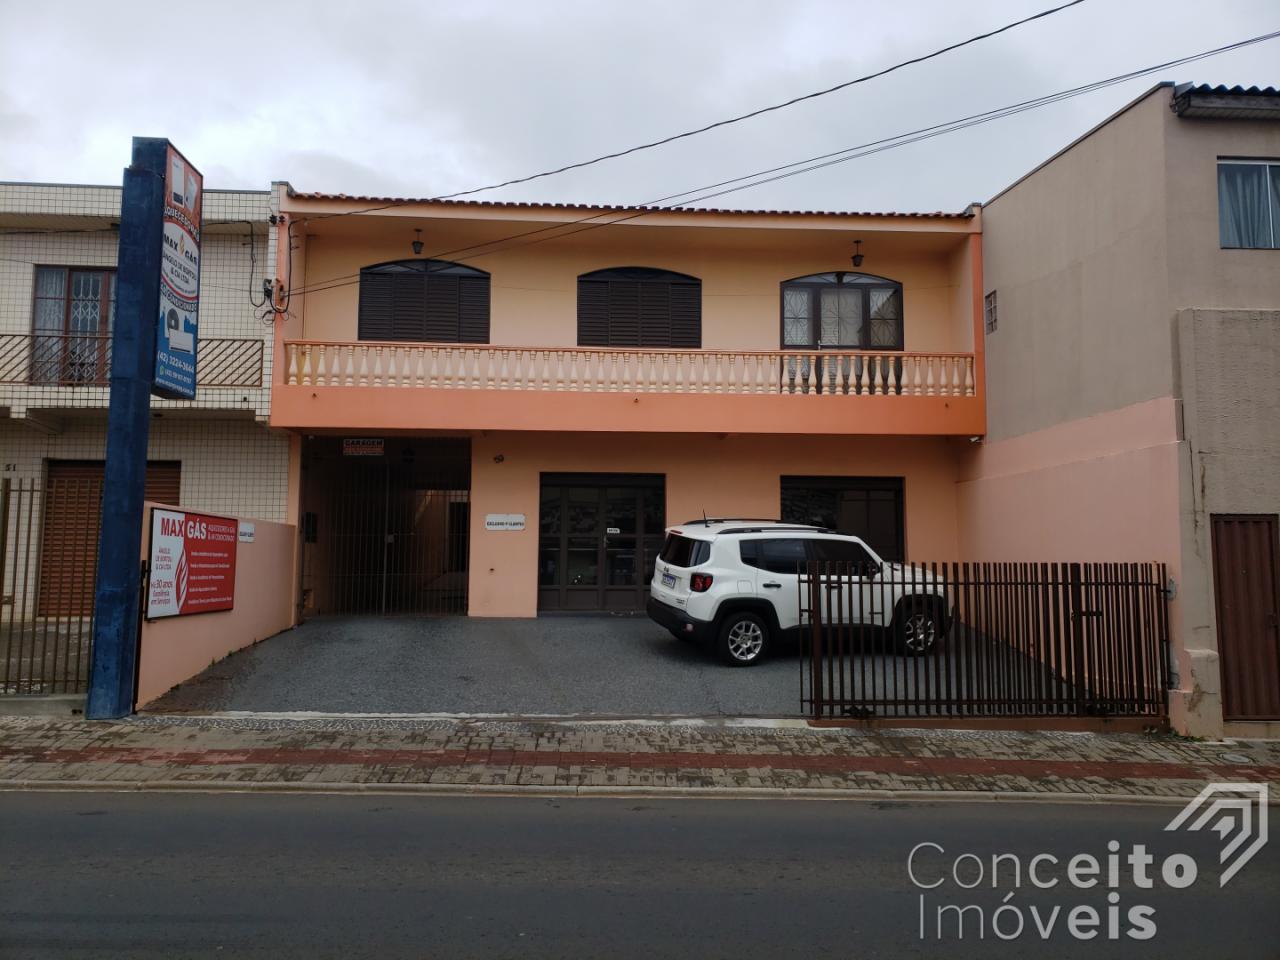 <strong>Imóvel Comercial com 2 Apartamentos Residenciais</strong>